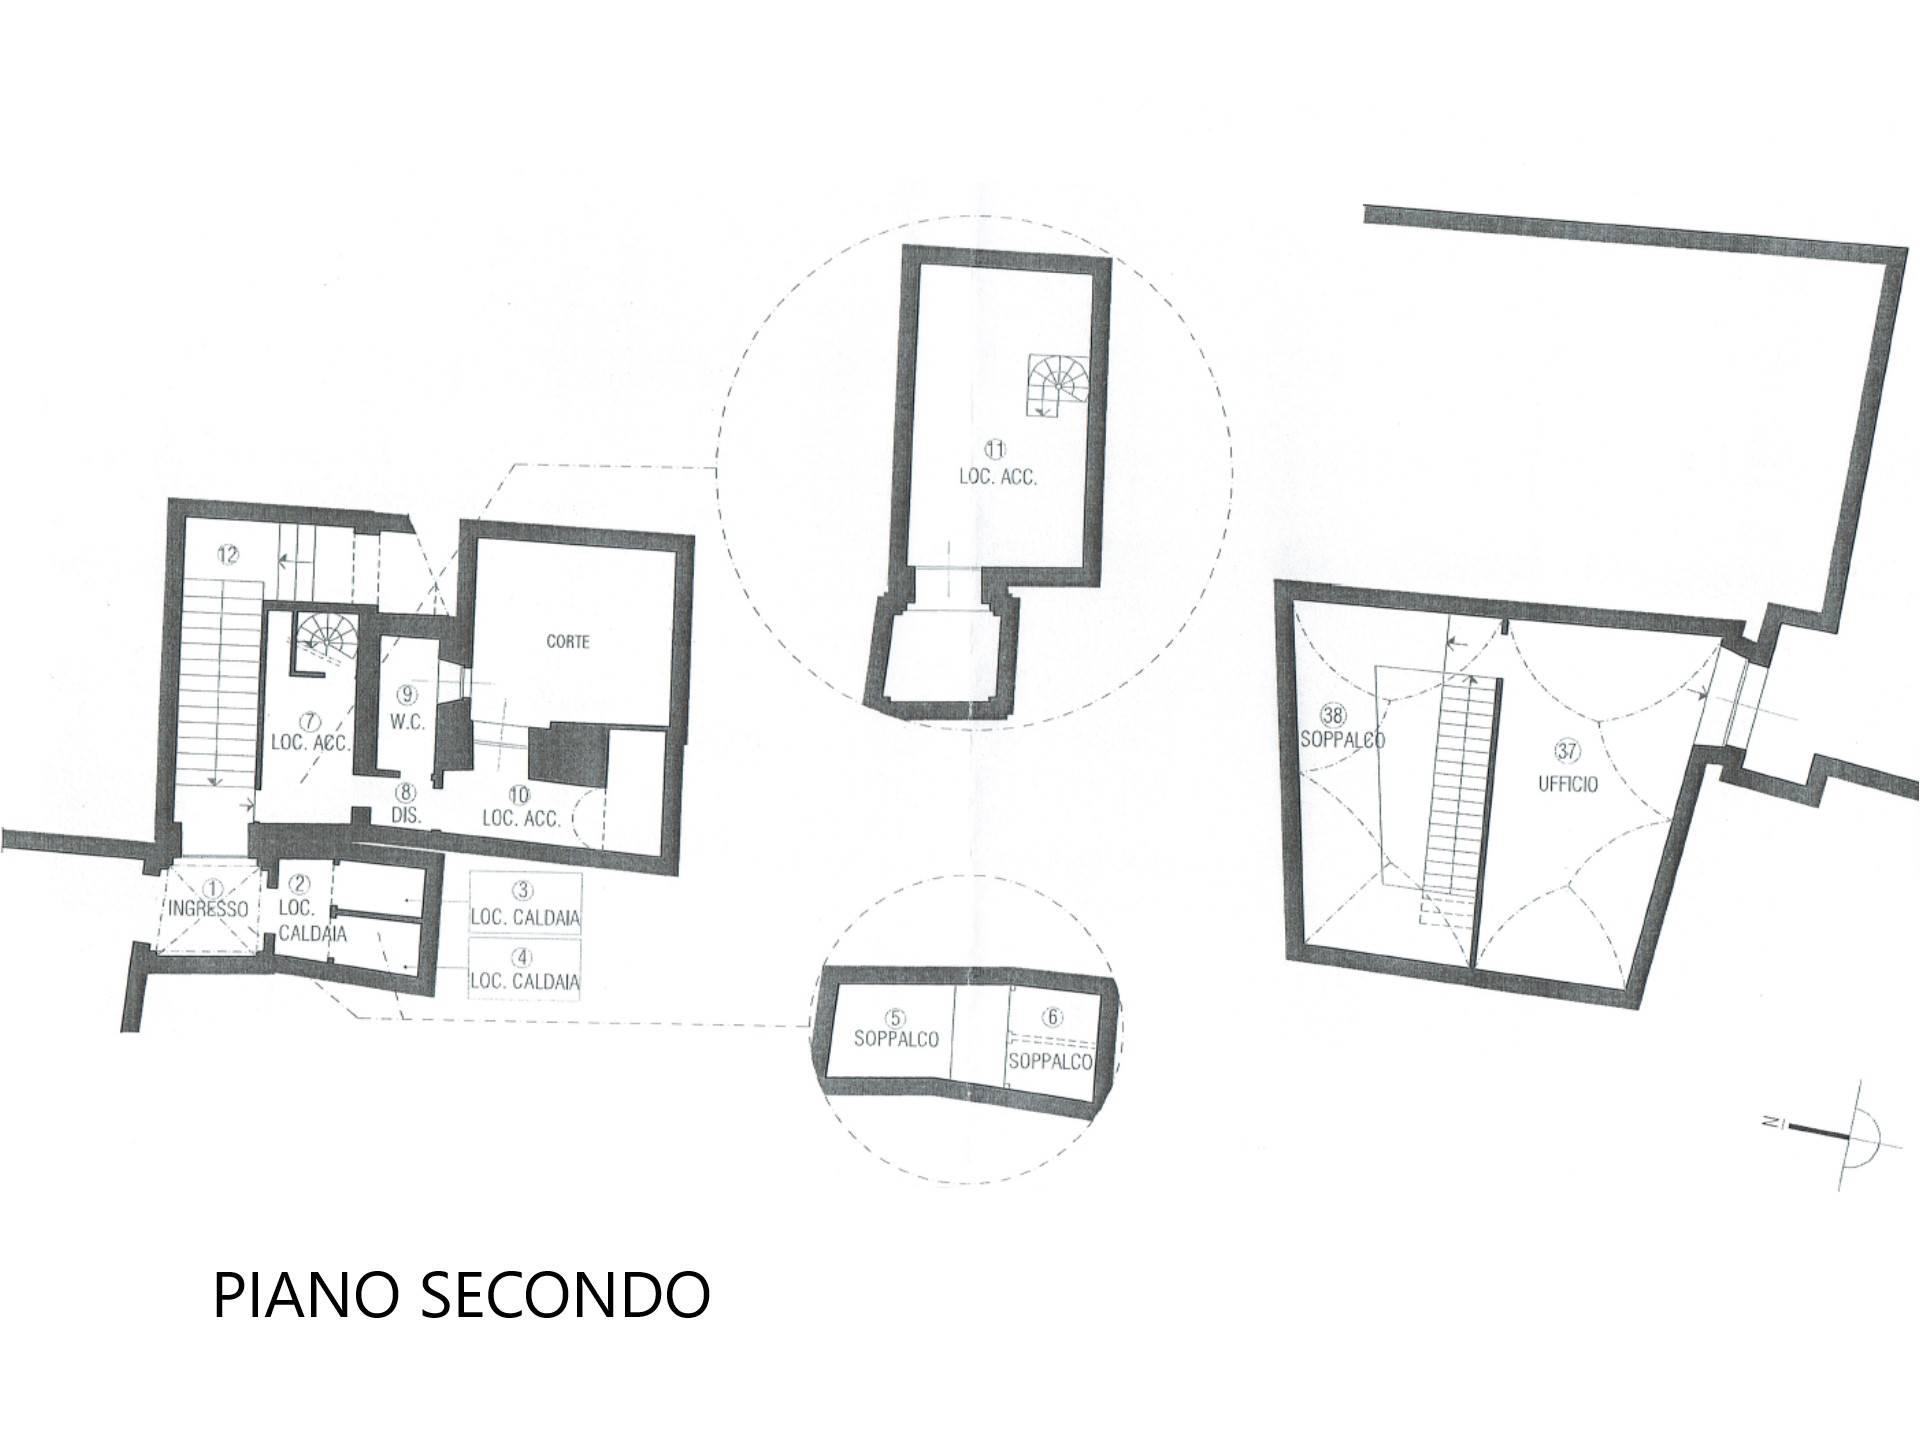 Planimetria P2